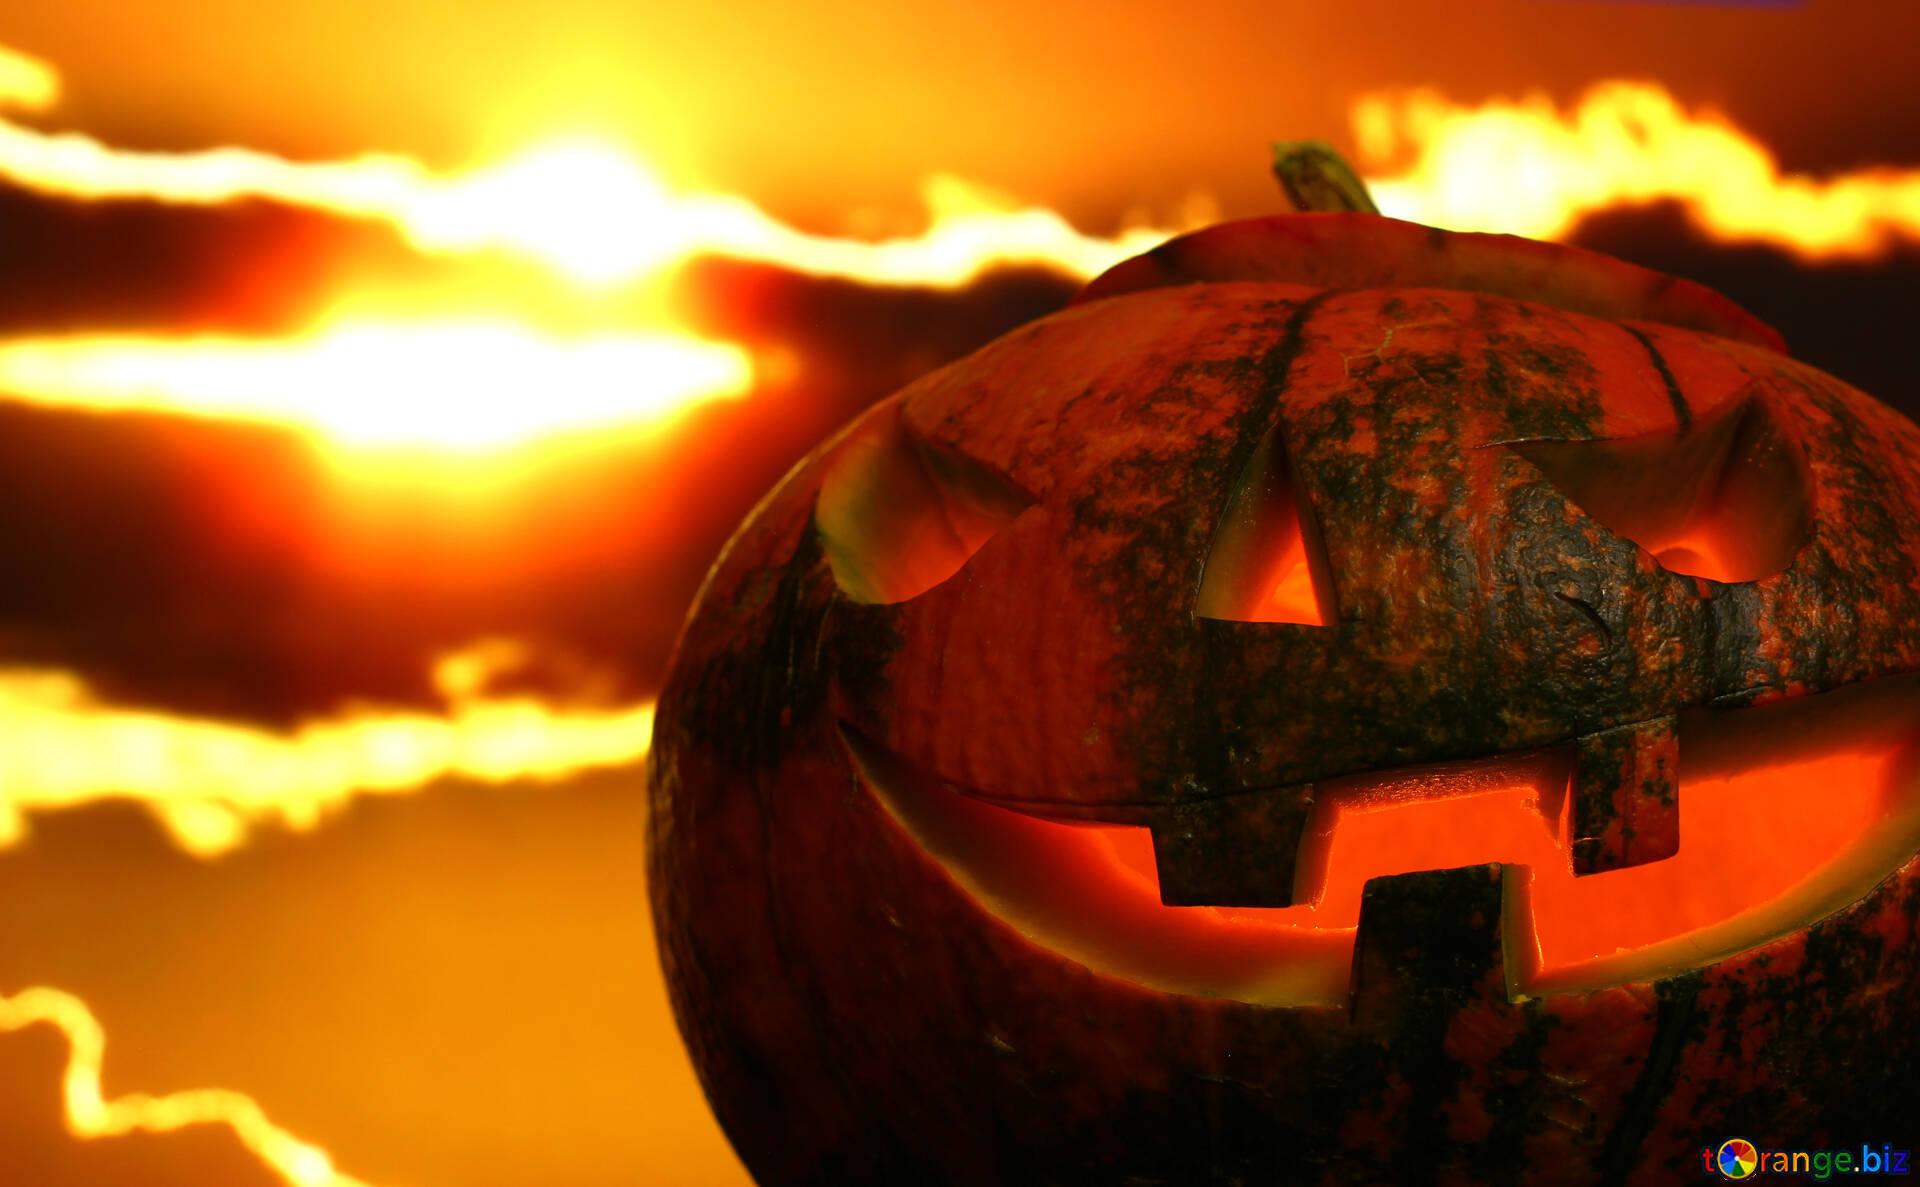 Origines D'halloween Citrouille D'halloween Sur Un Coucher concernant Photo De Citrouille D Halloween